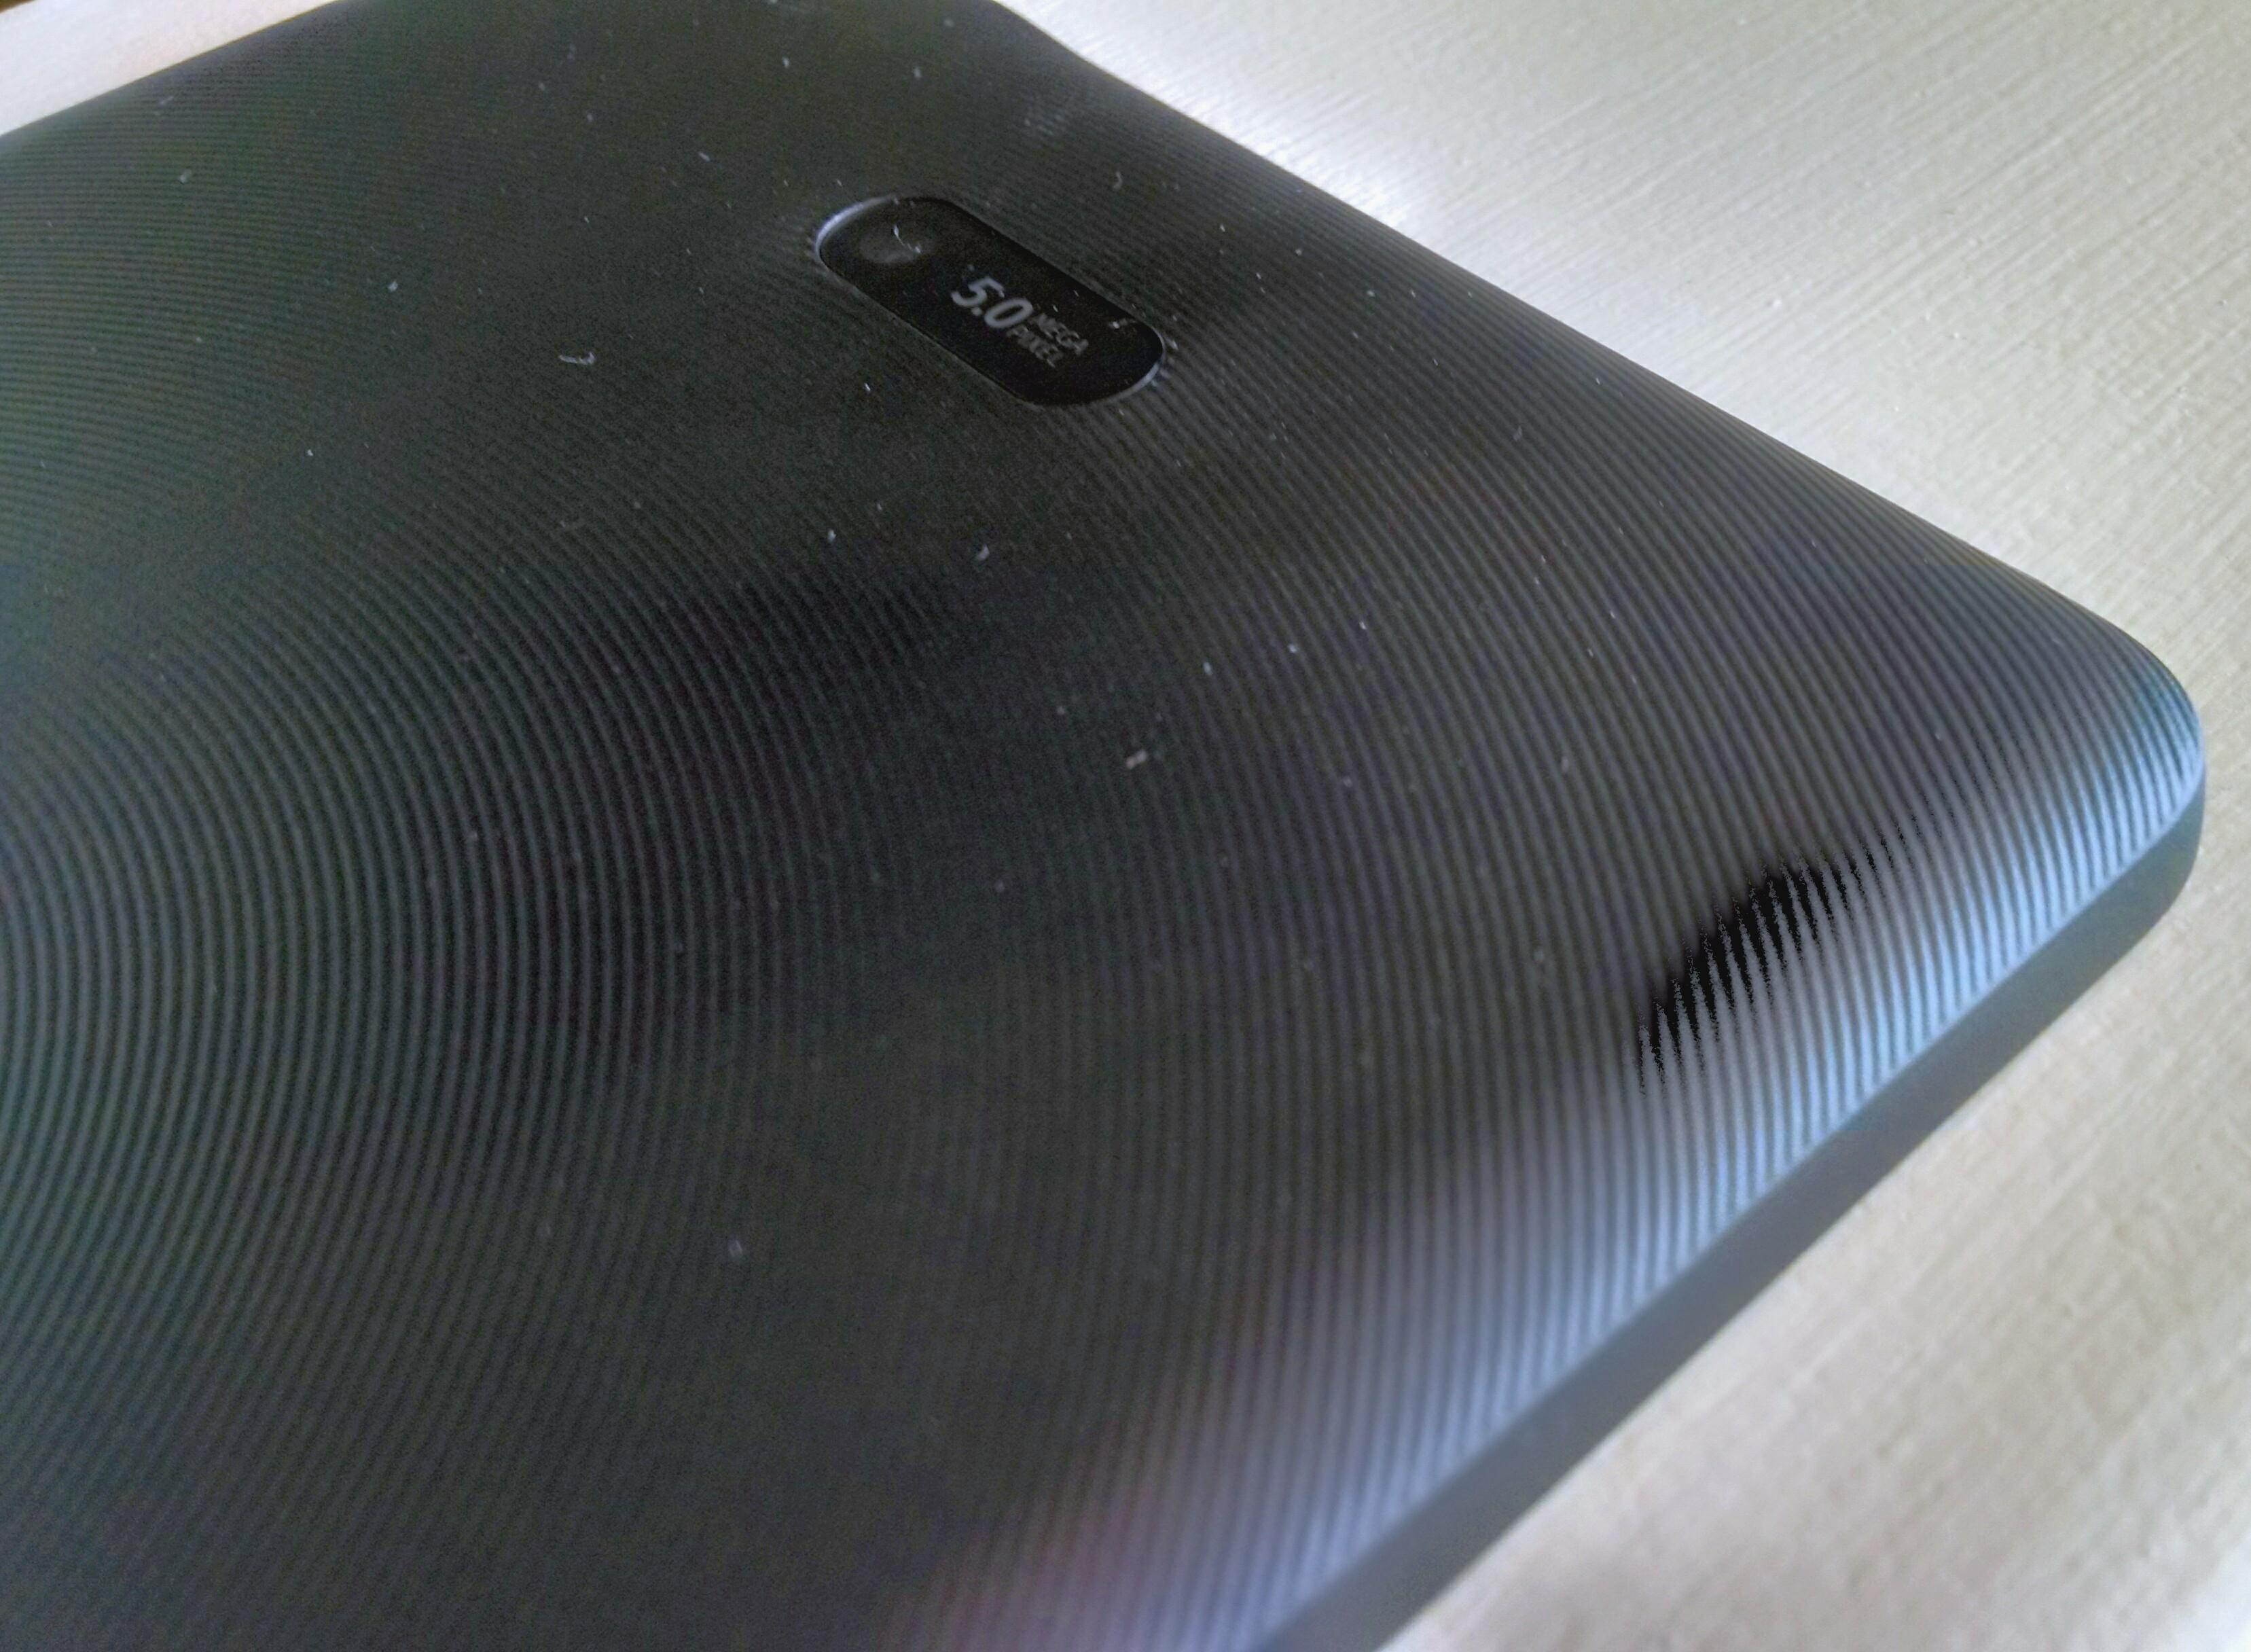 Dell Venue 8 Pro back